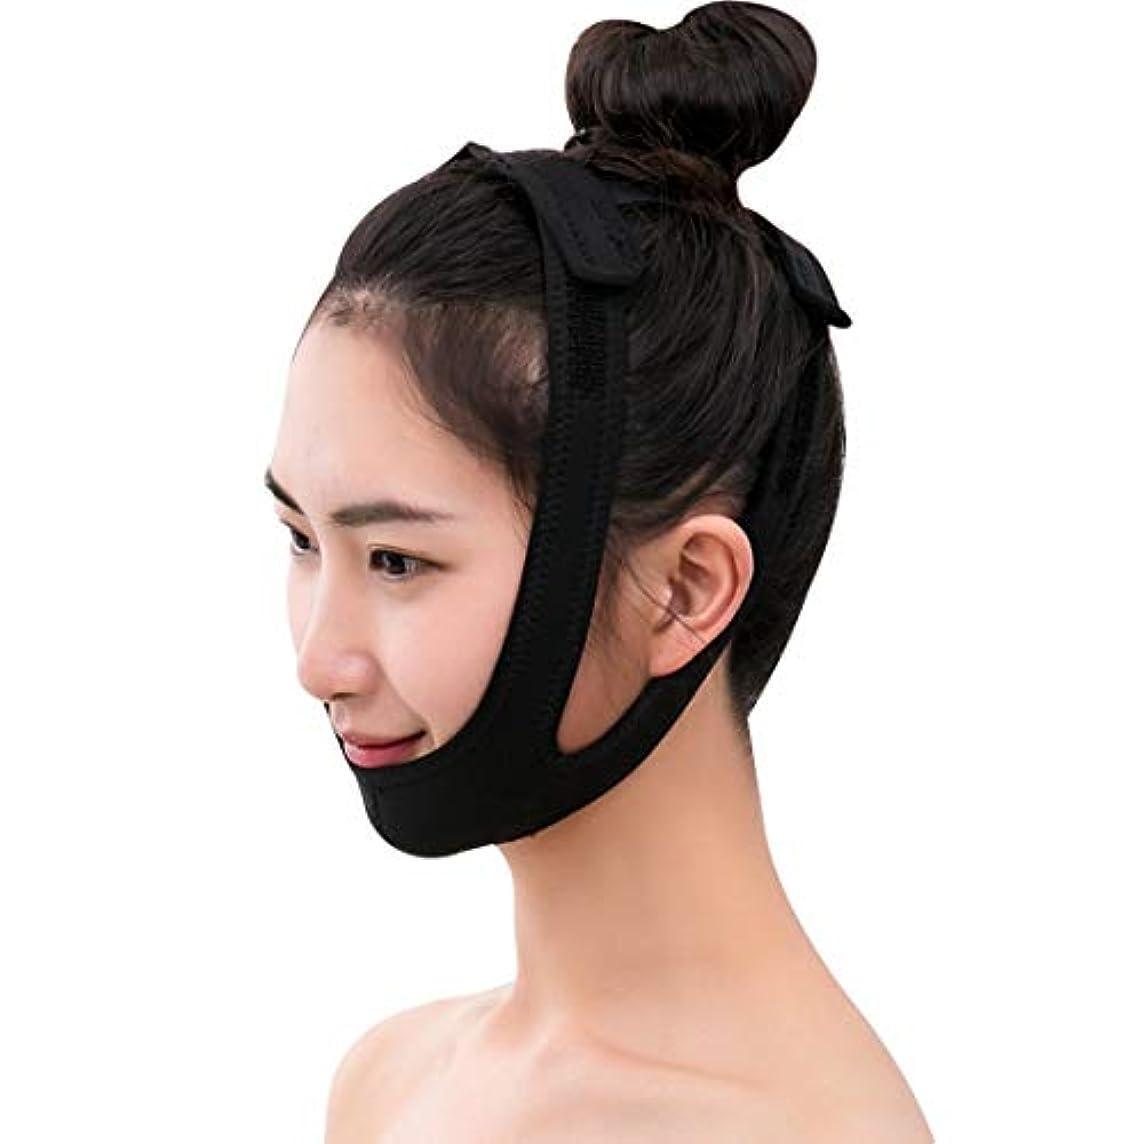 テンポ地下キャプテンブライZWBD フェイスマスク, フェイスリフティング包帯マスク小さなVフェイス包帯はツールで引くことができます睡眠薄い顔の顔の持ち上がる美顔のマッサージ調整可能なサイズブラック